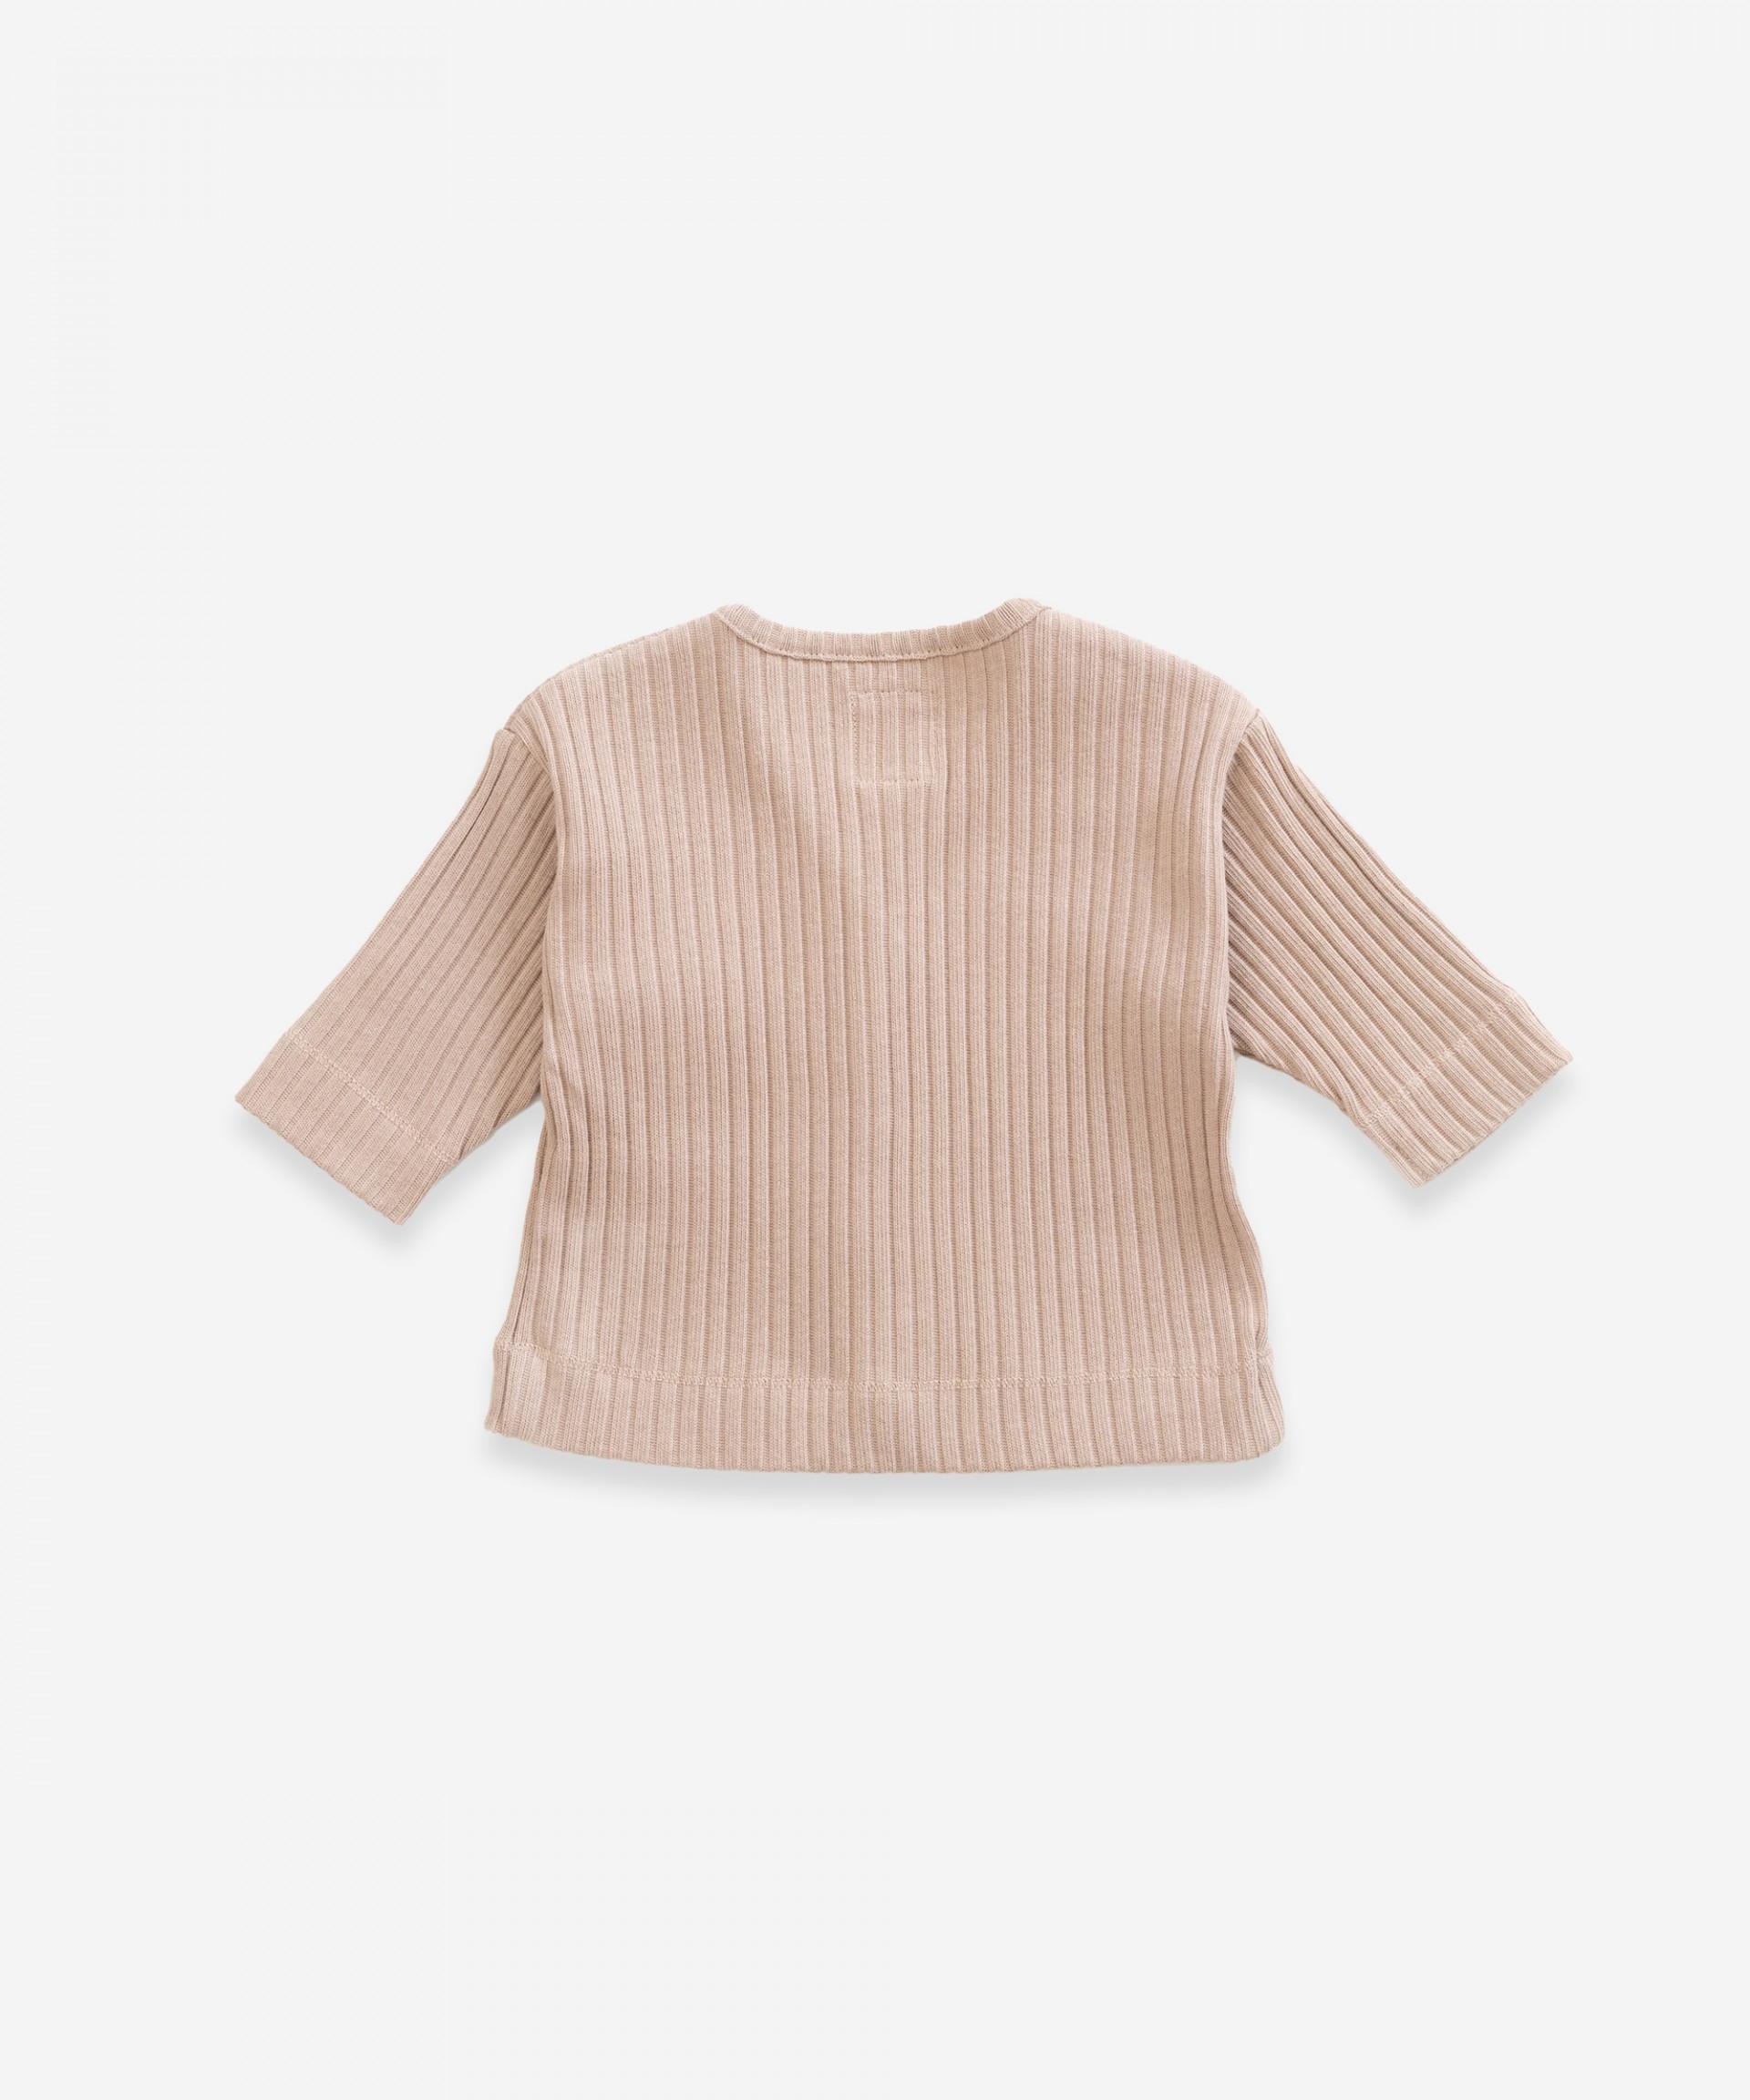 Golfino in maglia | Weaving